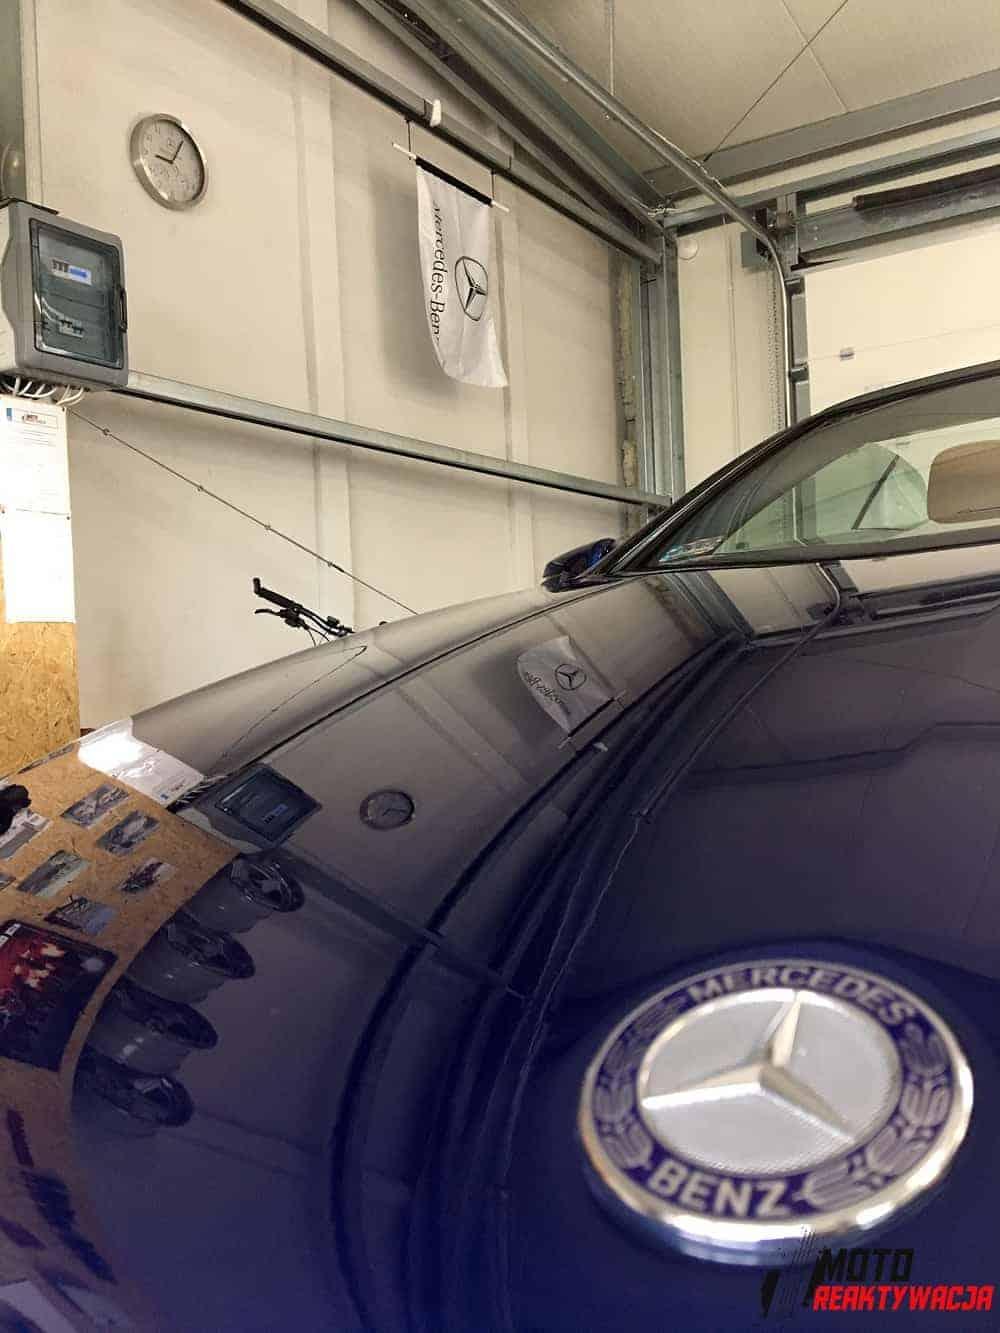 renowacja mercedesów Wrocław renowacja samochodów Wrocław odbudowa samochodów Wrocław renowacja tapicerki skórzanej Wrocław auto detailing Wrocław